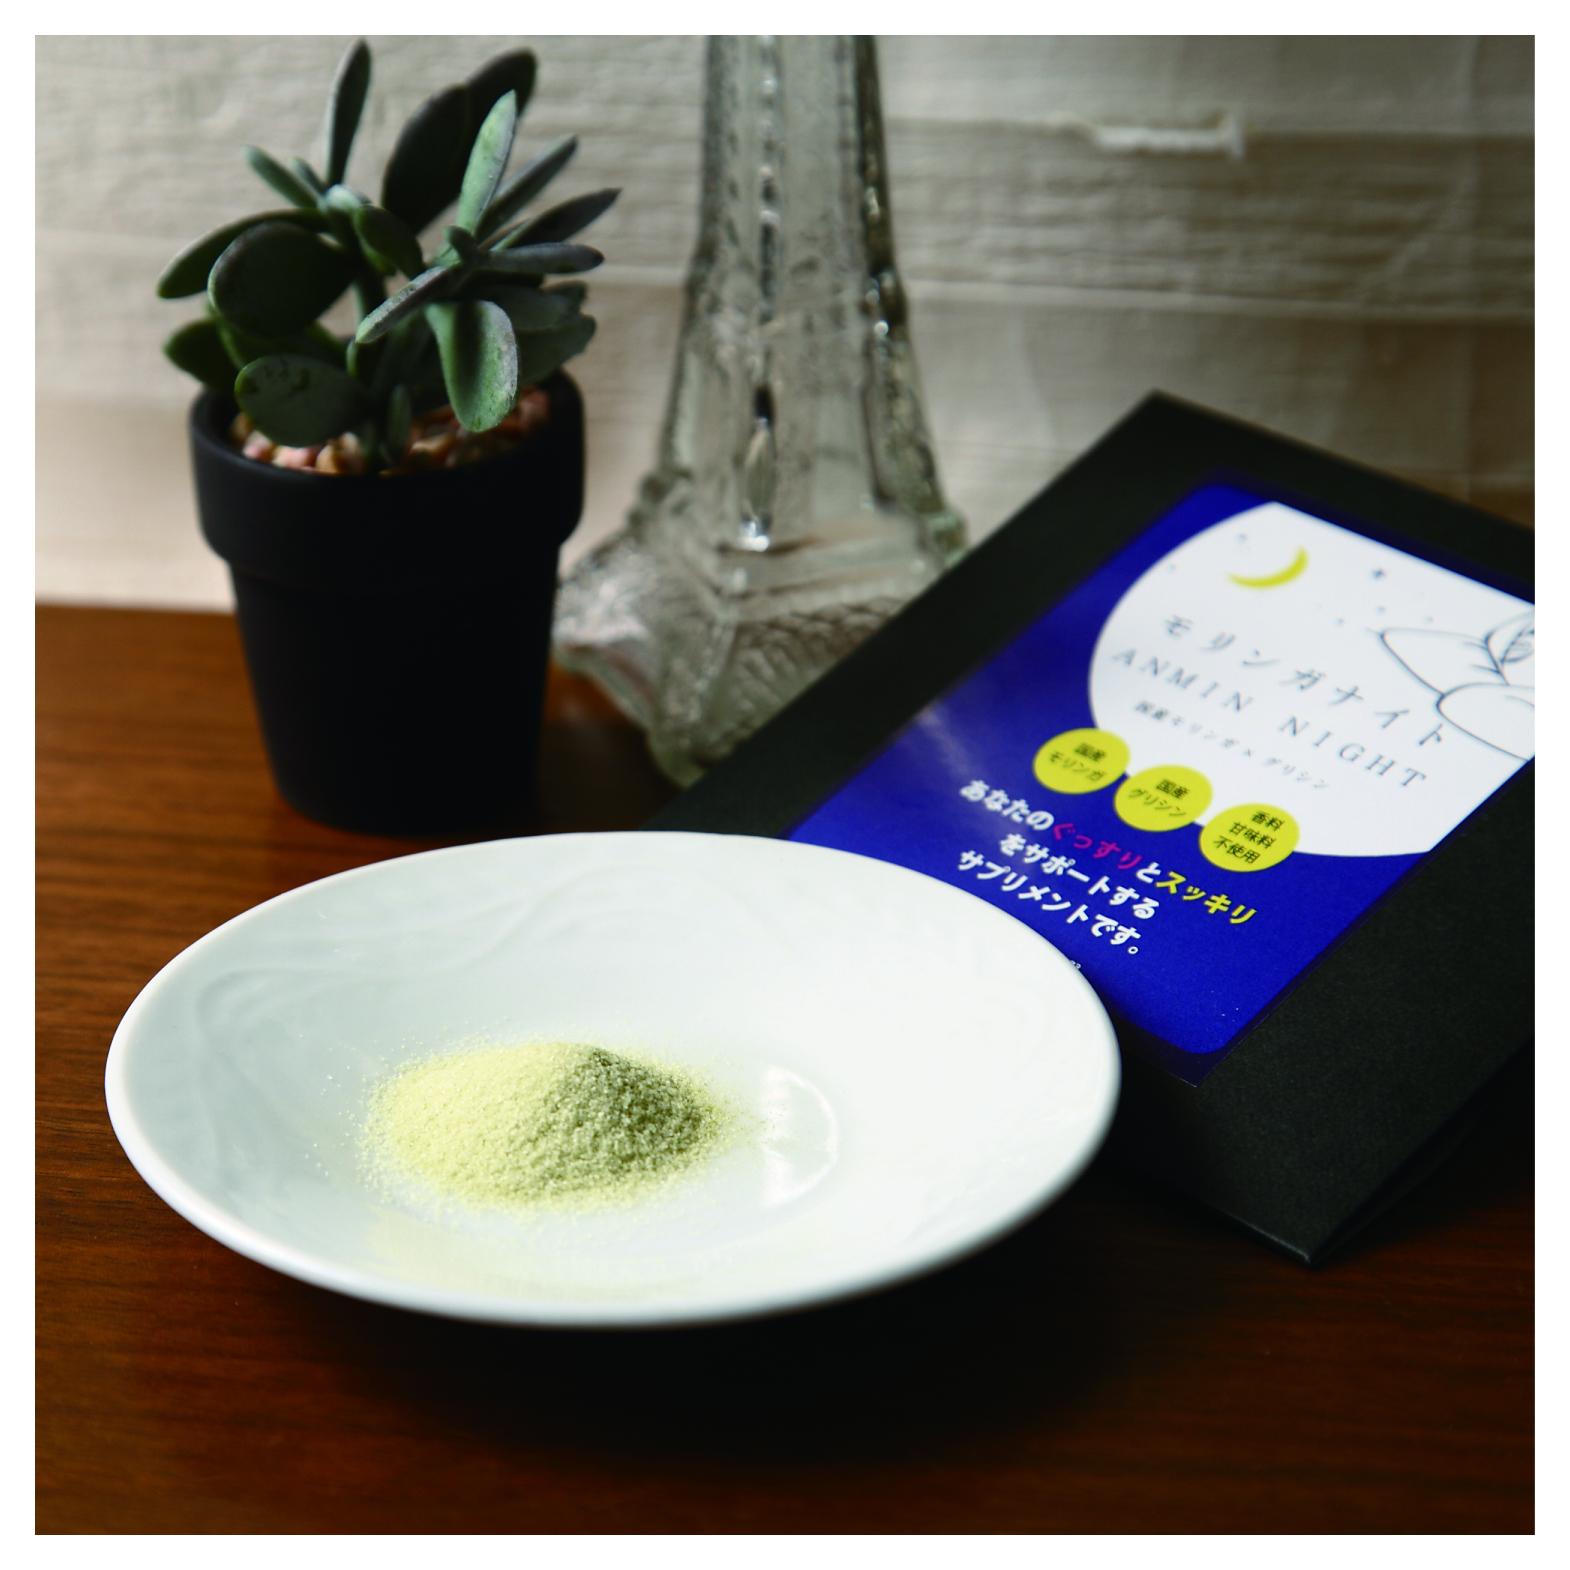 モリンガナイトトライ(3g×1袋)3個セット 一般価格:¥972円 税込 会員価格:¥875円 税込